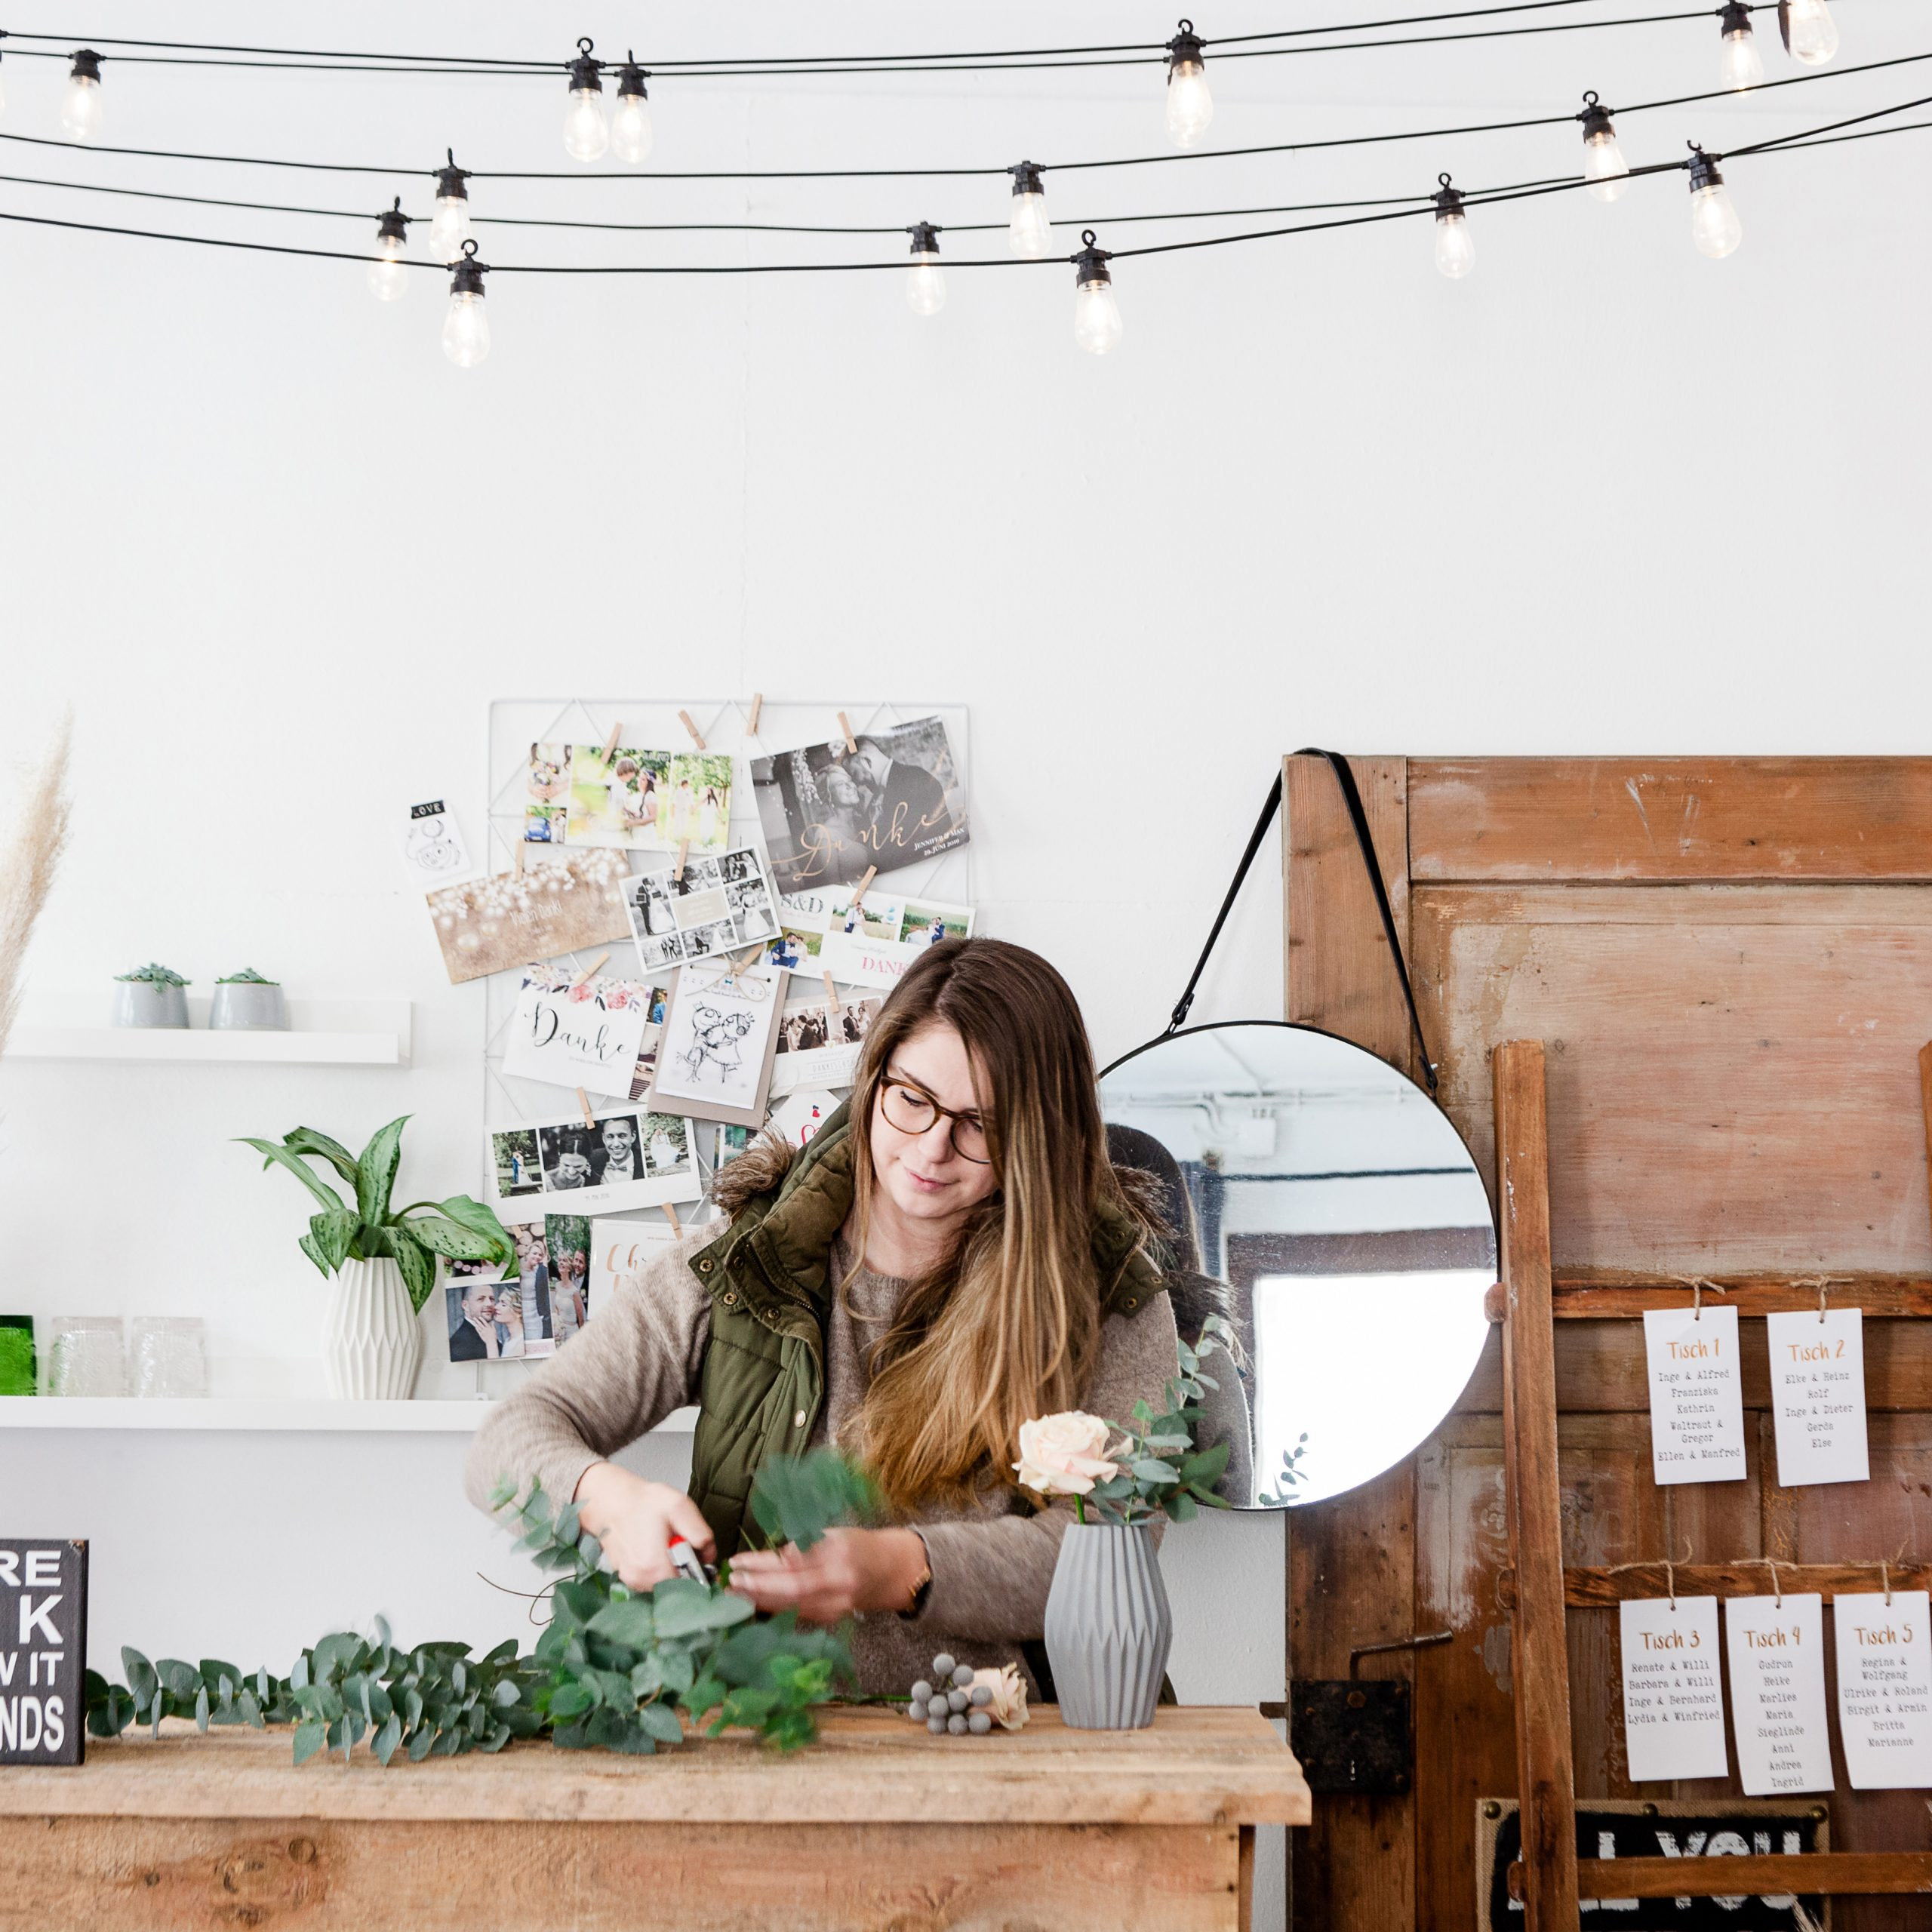 lichterkette dekoration businessfotografie fotograf hochzeitsdekoration